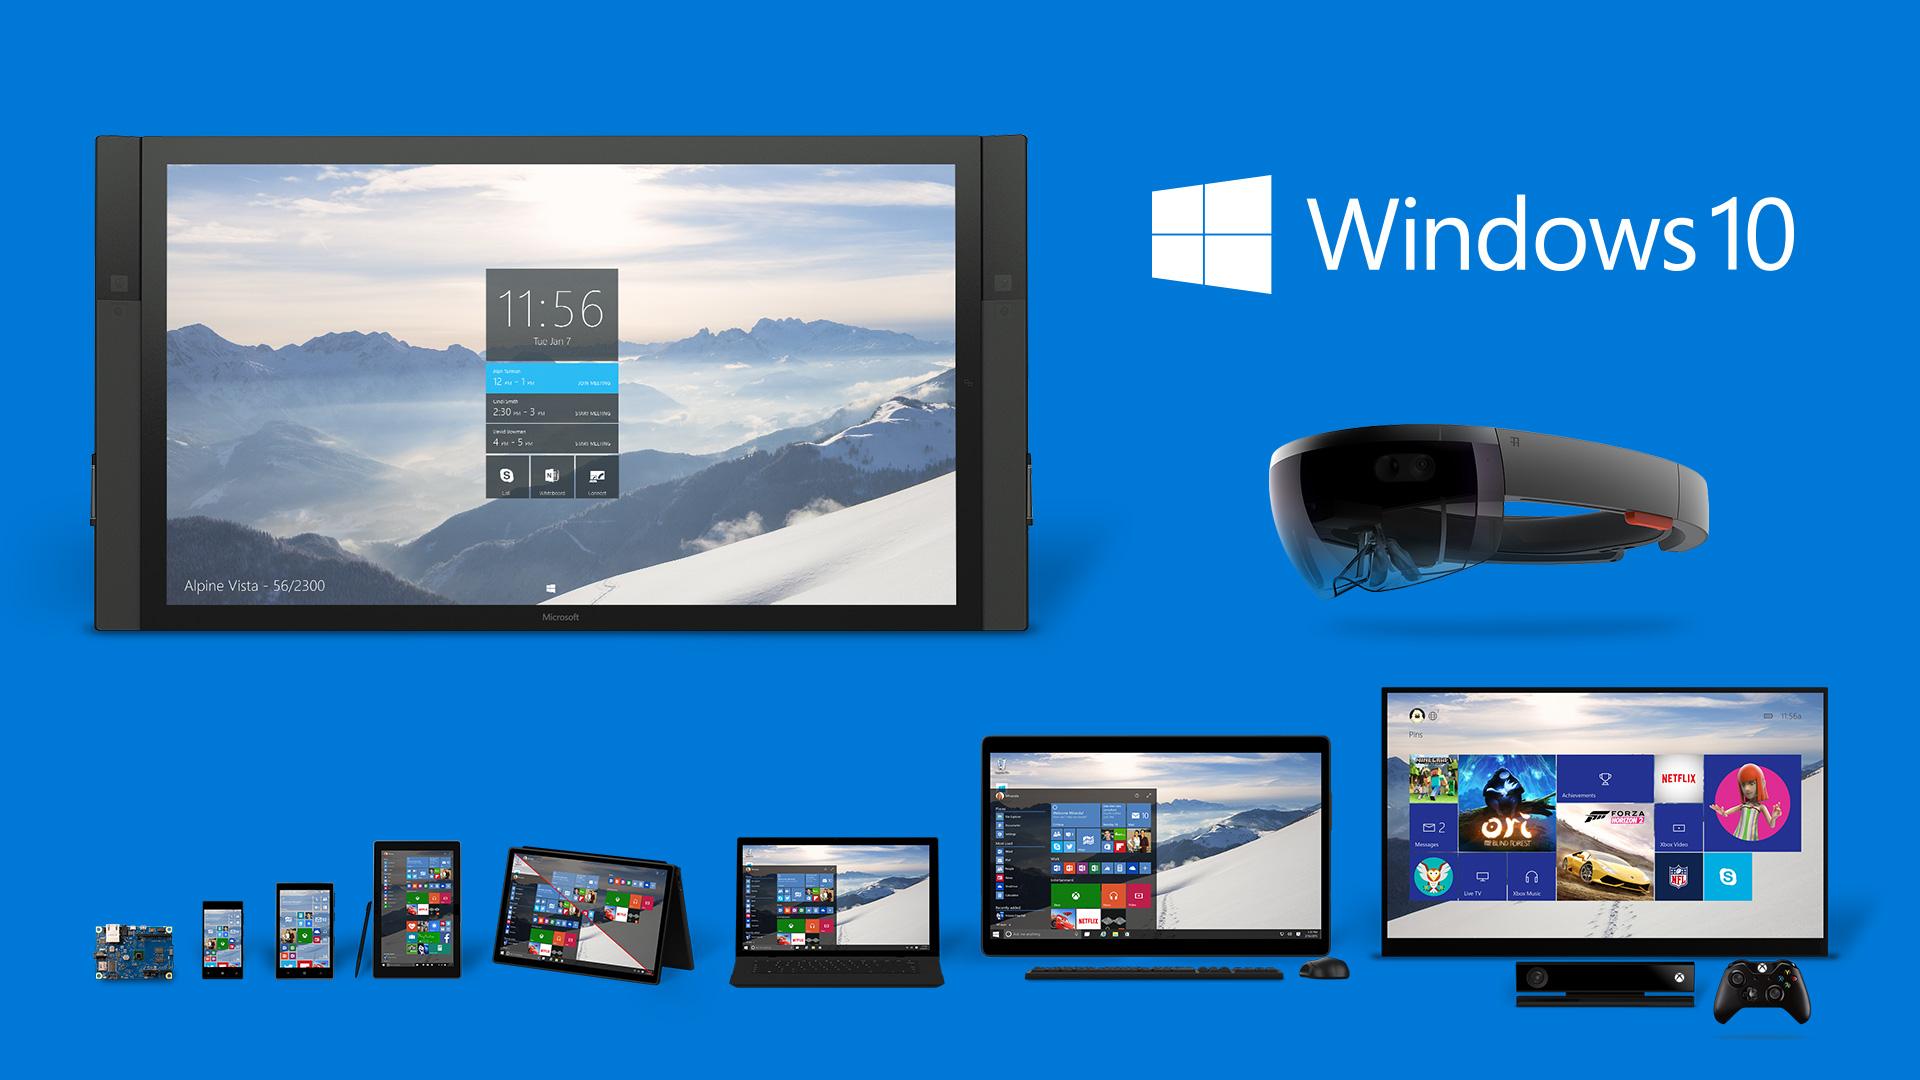 Windows 10 Sürüm ve Özellikleri